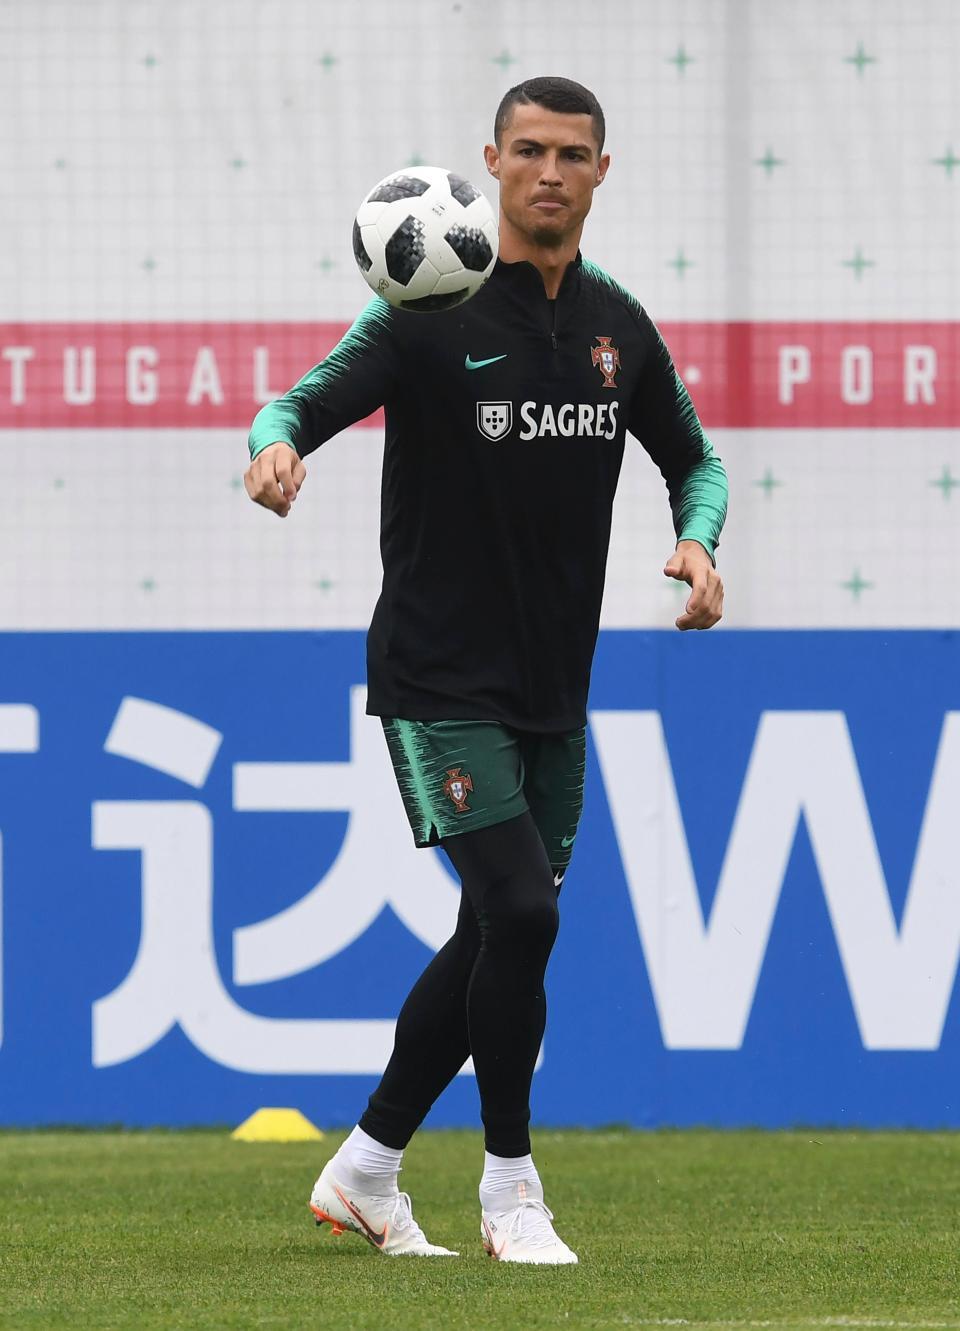 رونالدو نجم منتخب البرتغال